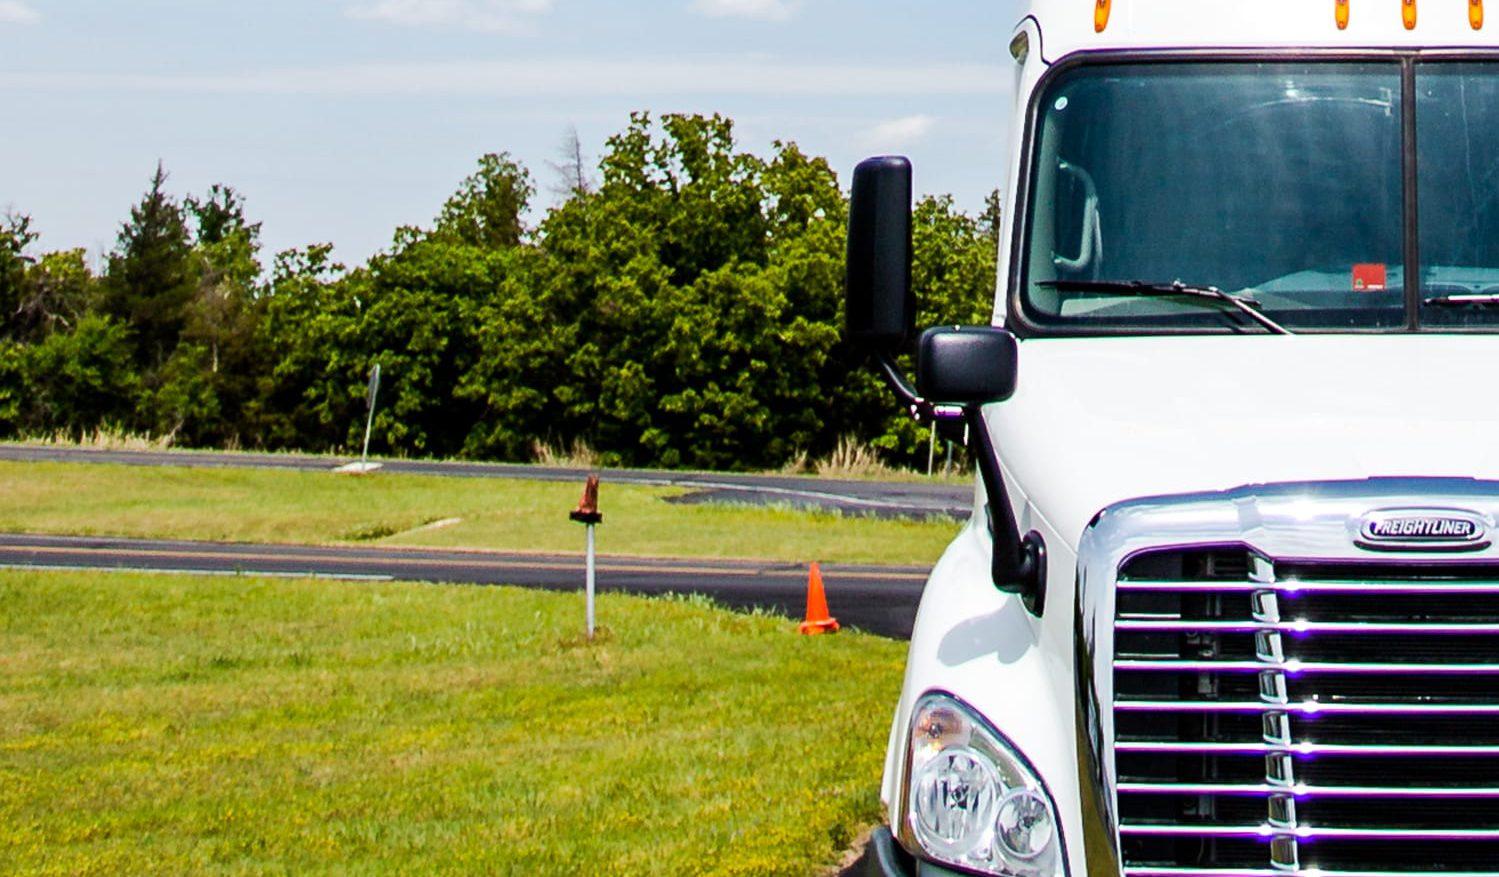 Truck near grass